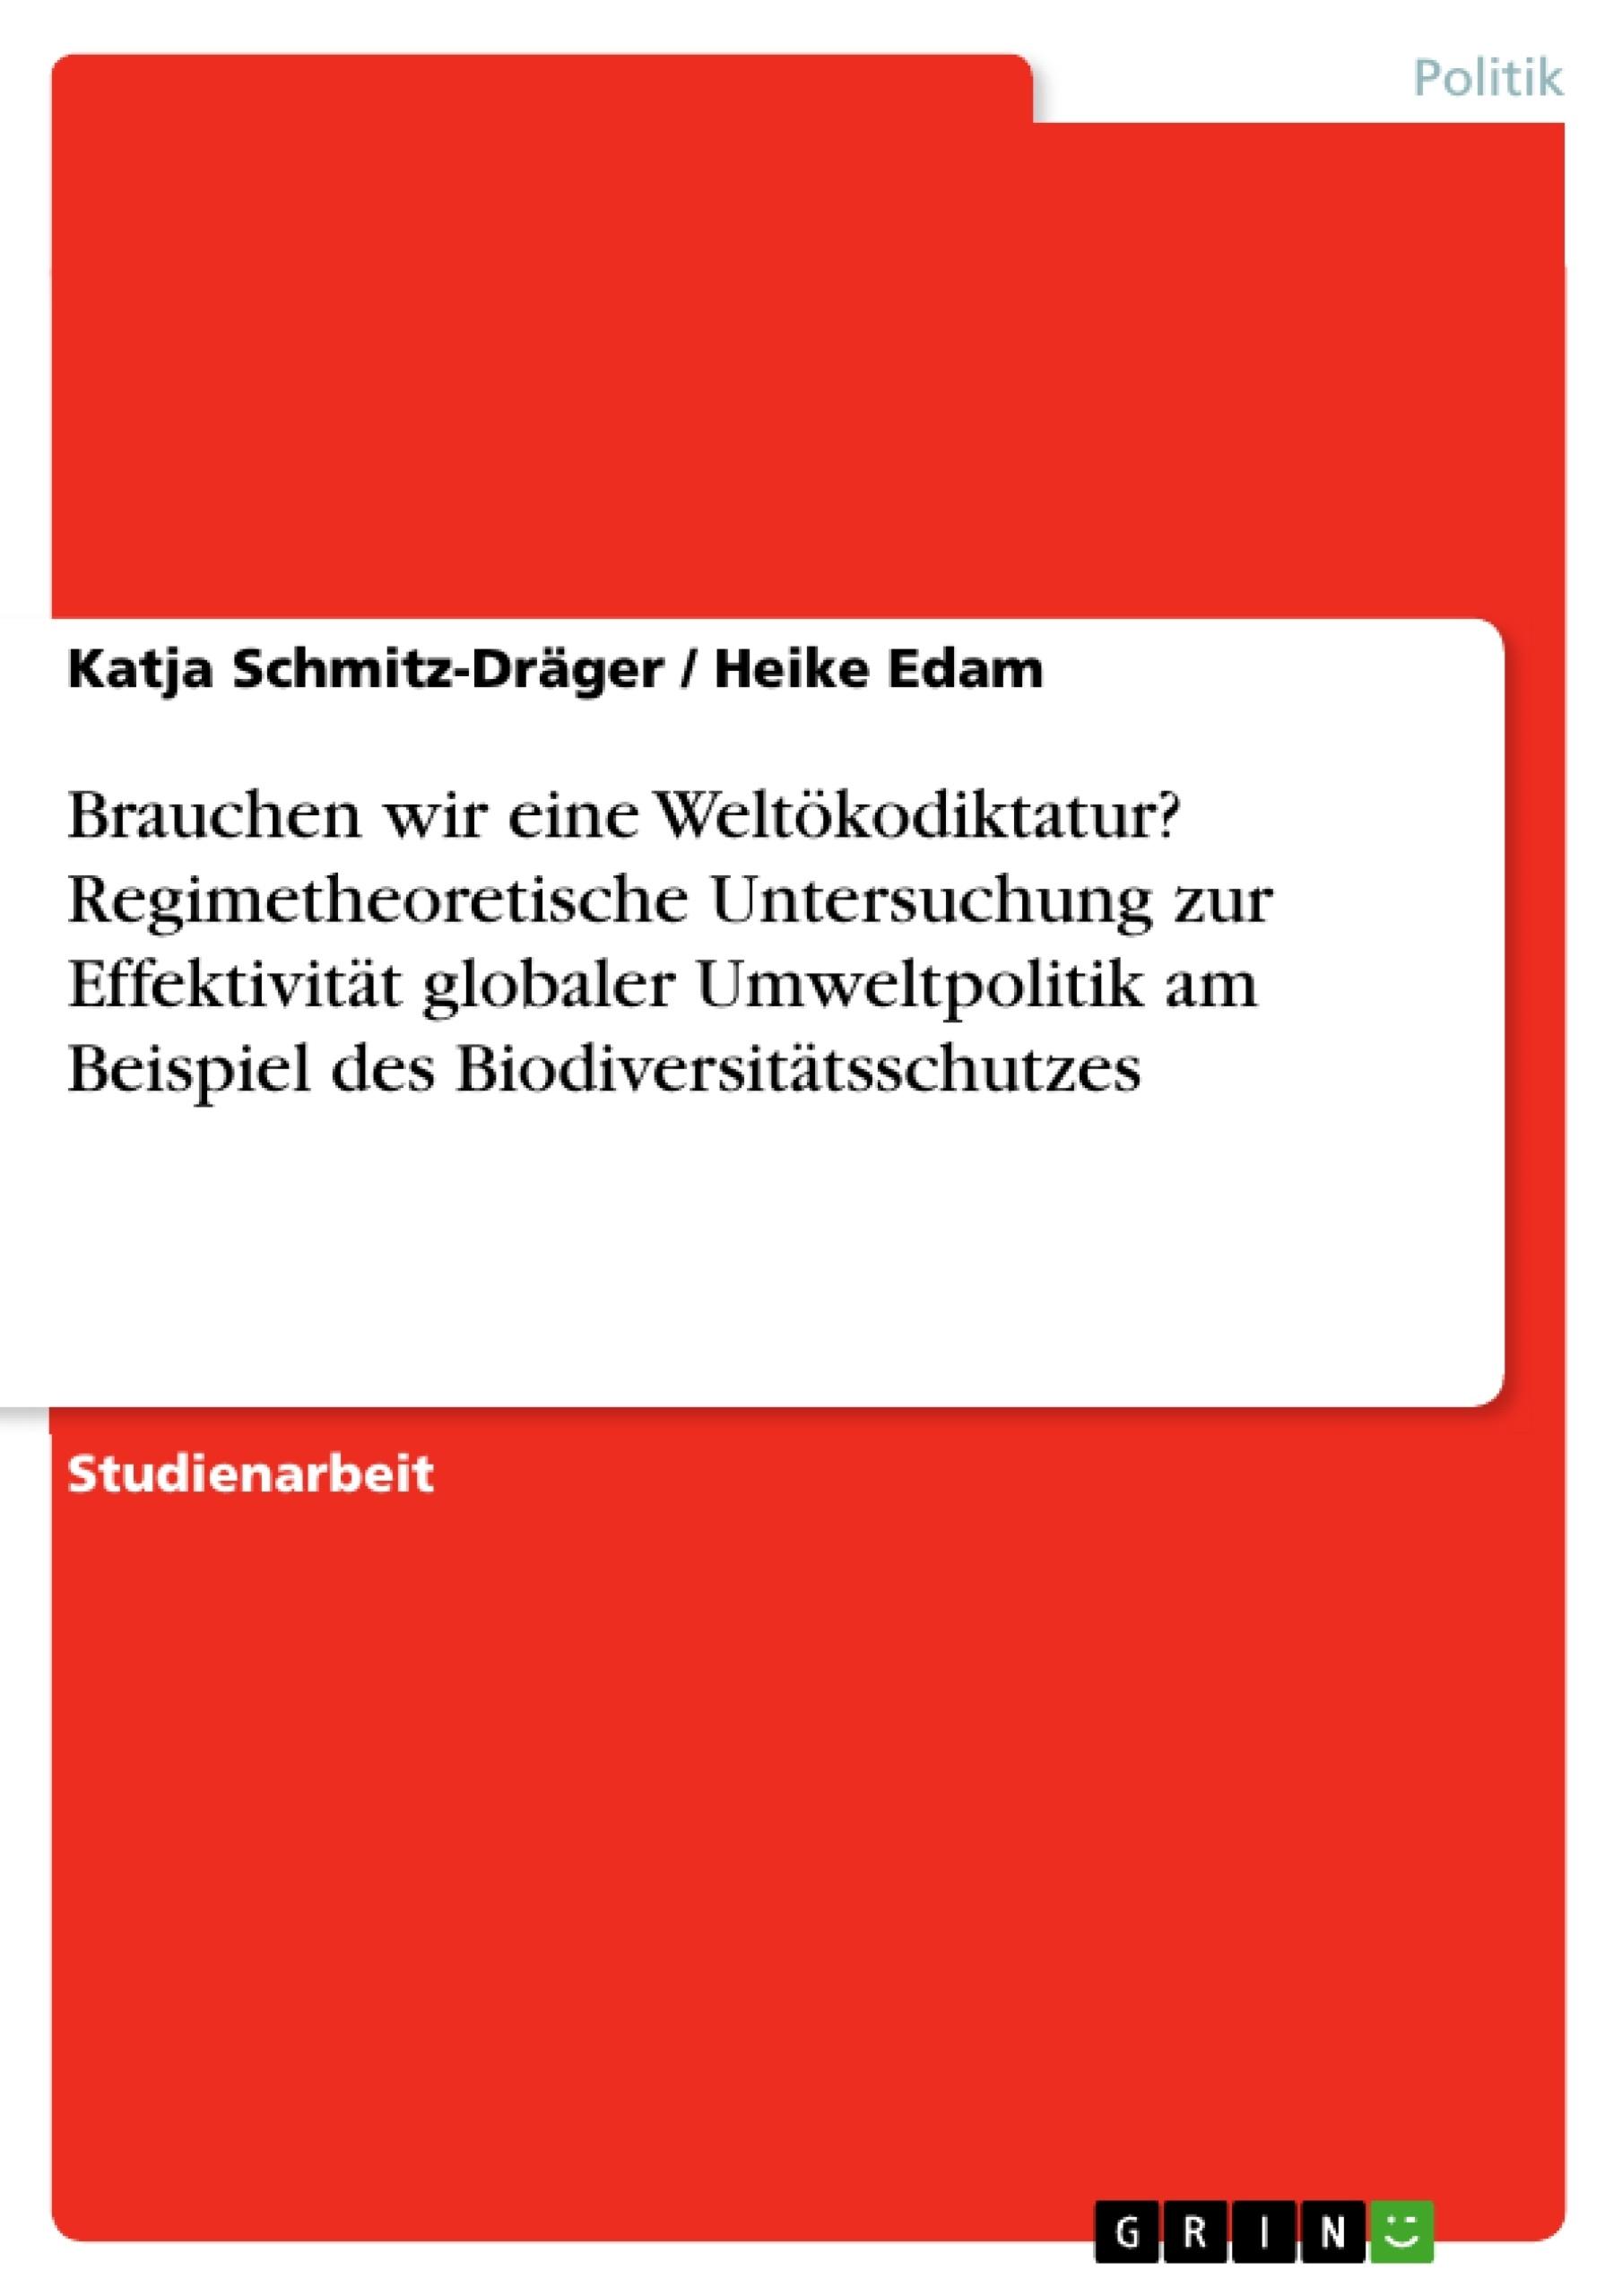 Titel: Brauchen wir eine Weltökodiktatur? Regimetheoretische Untersuchung zur Effektivität globaler Umweltpolitik am Beispiel des Biodiversitätsschutzes